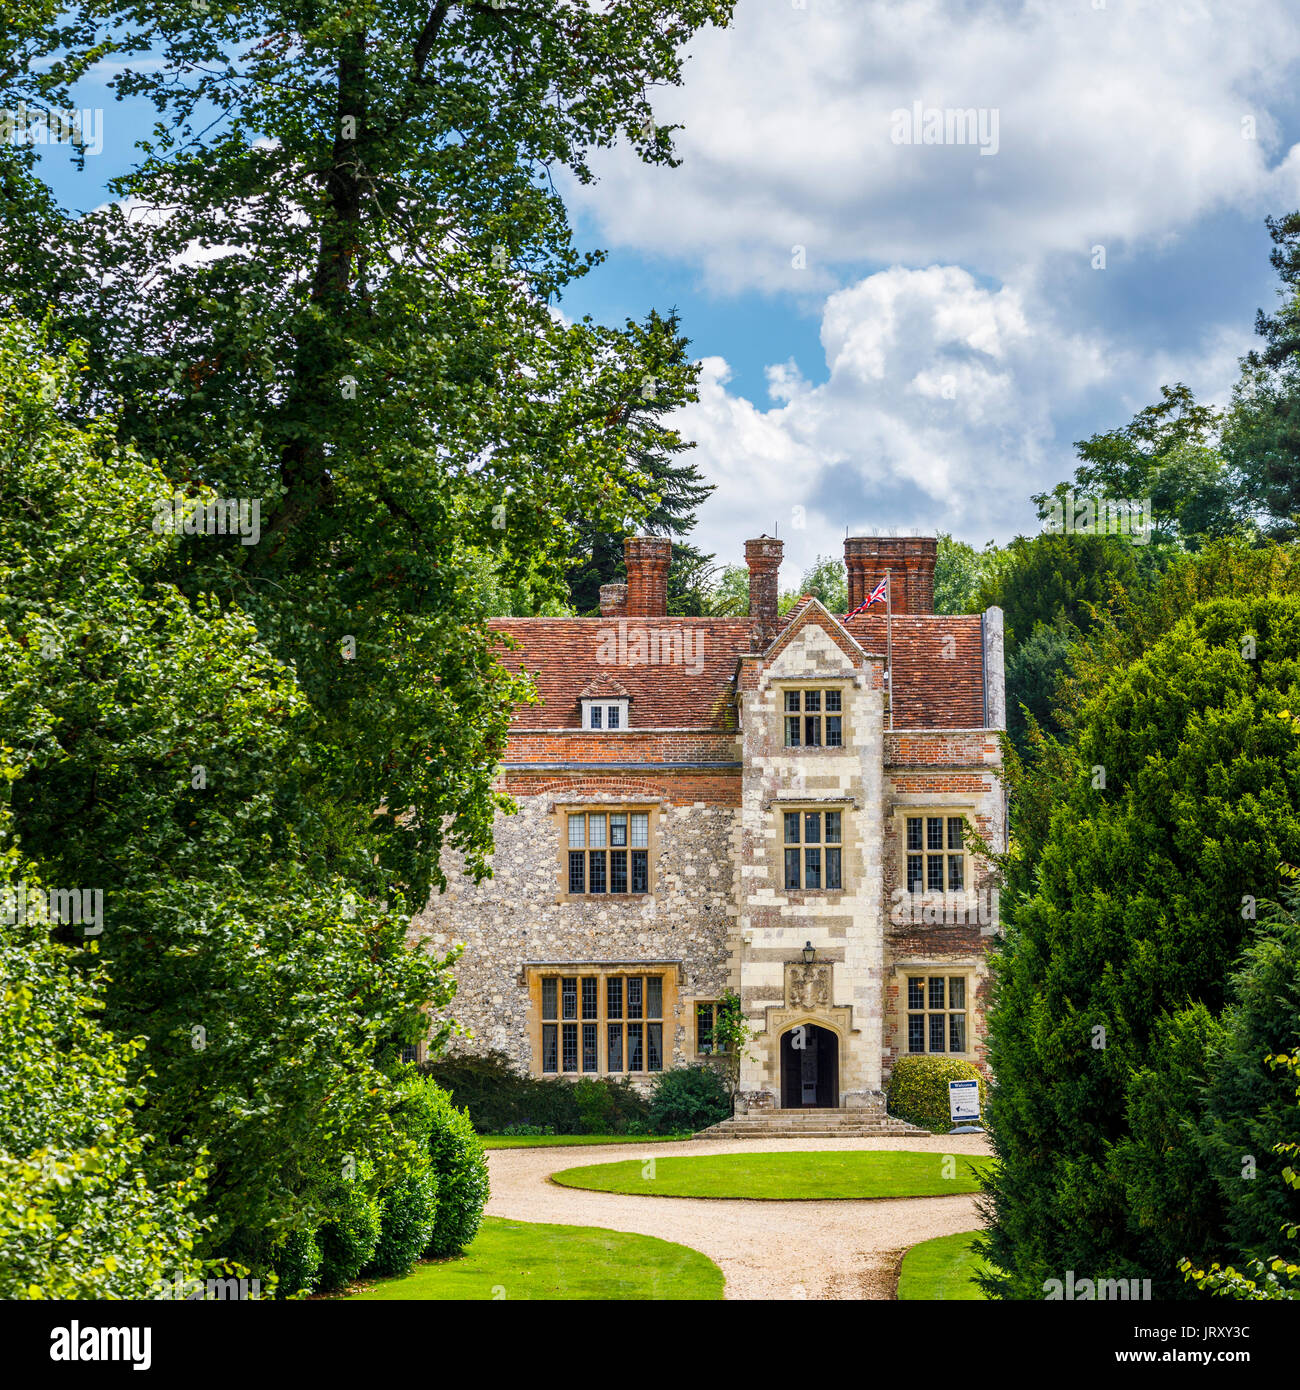 Biblioteca Chawton House, la Casa Grande contemplados por Jane Austen, propiedad de su hermano Edward Knight, Chawton, Hampshire, en el sur de Inglaterra, Reino Unido. Imagen De Stock